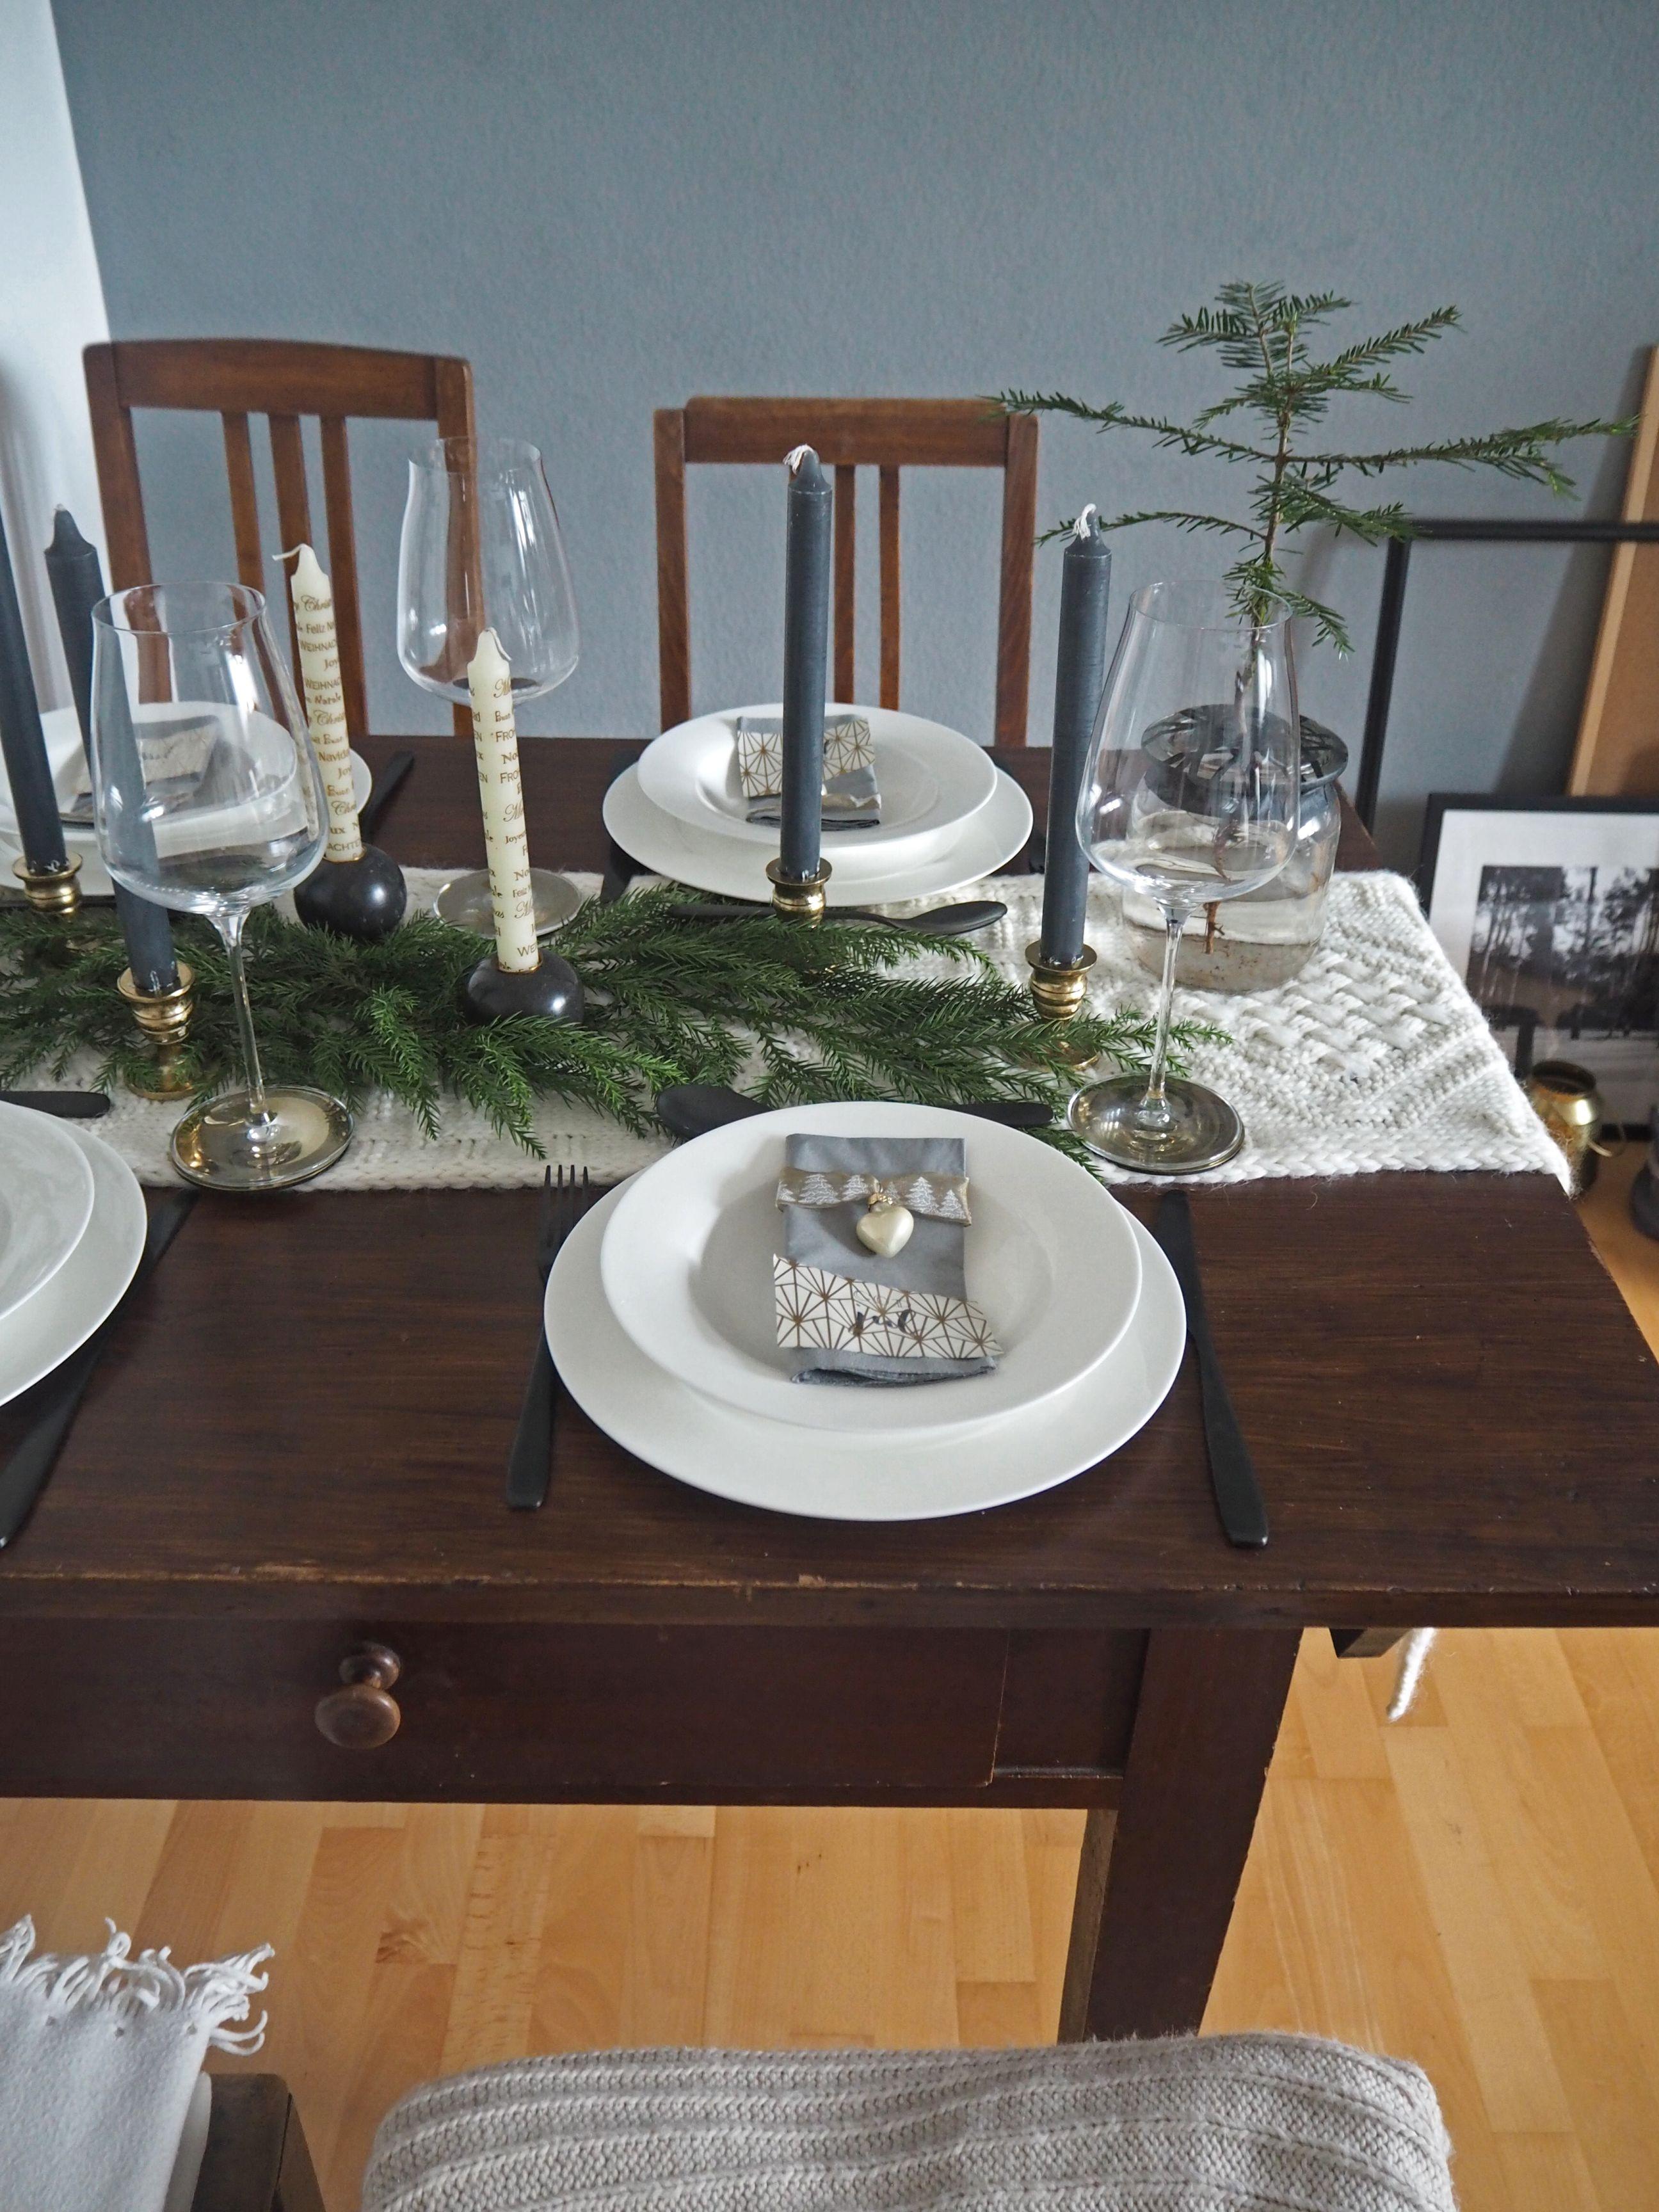 2018-skoen-och-kreativ-interior-tischdeko-festliche-tischdekoration-im-skandi-stil-weihnachten-god-jul-tabledecor (10)